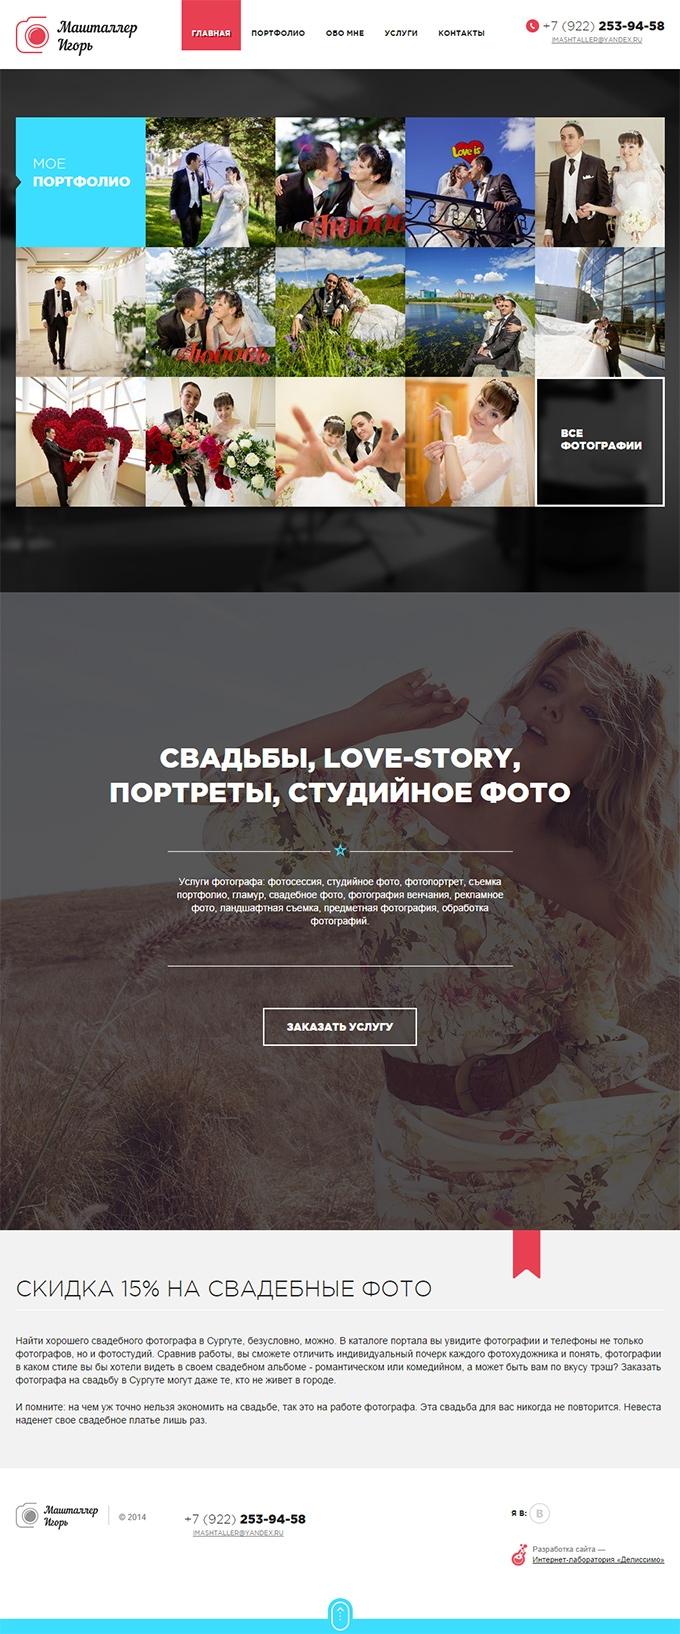 Главная страница сайта mashtaller.ru